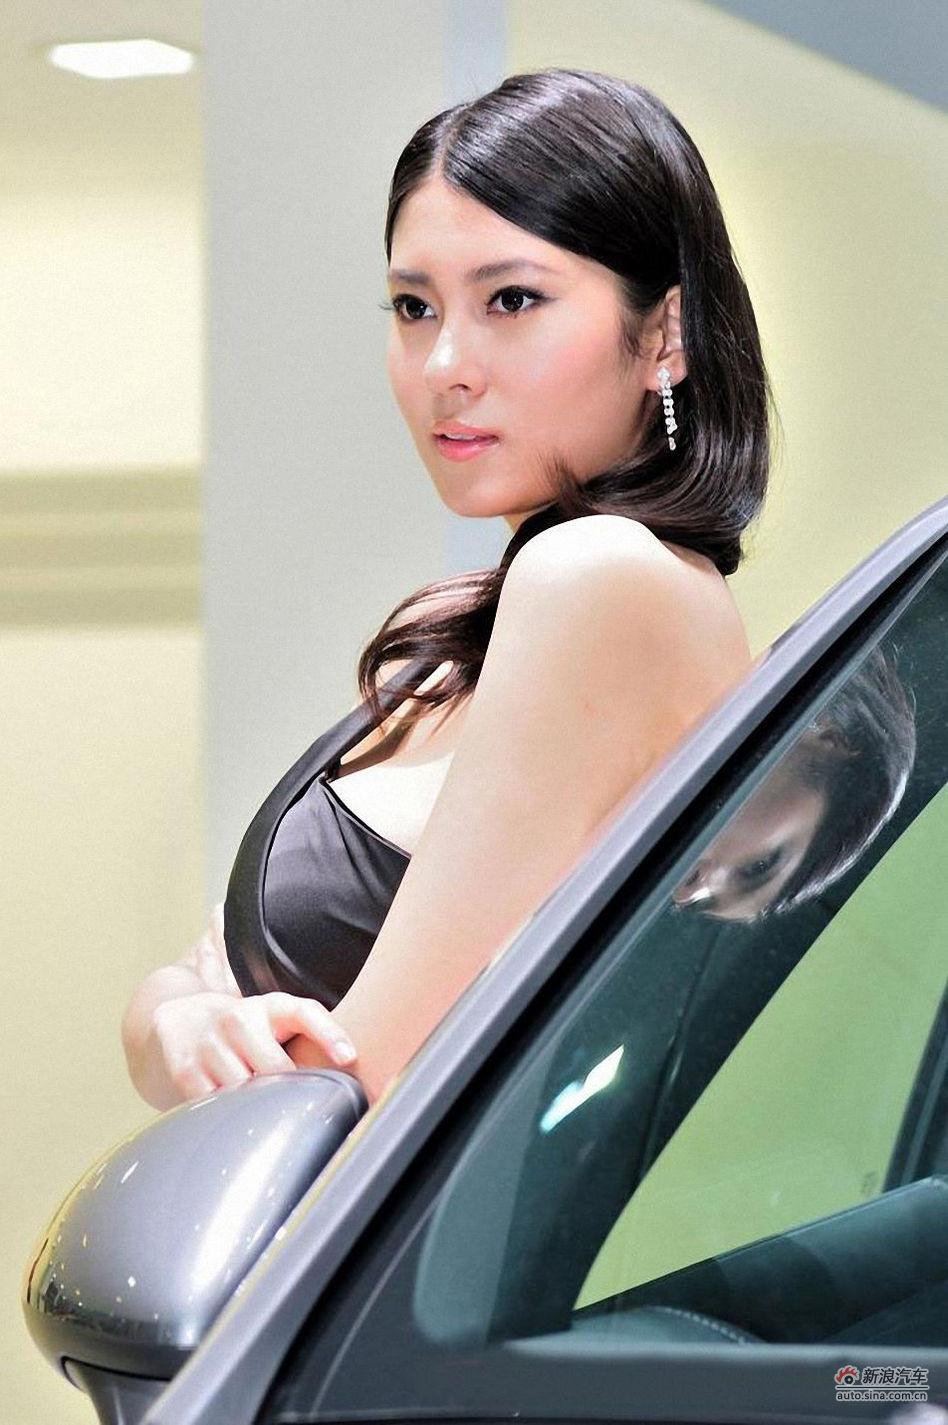 车展美女身着黑色抹胸裙   更显知性优雅